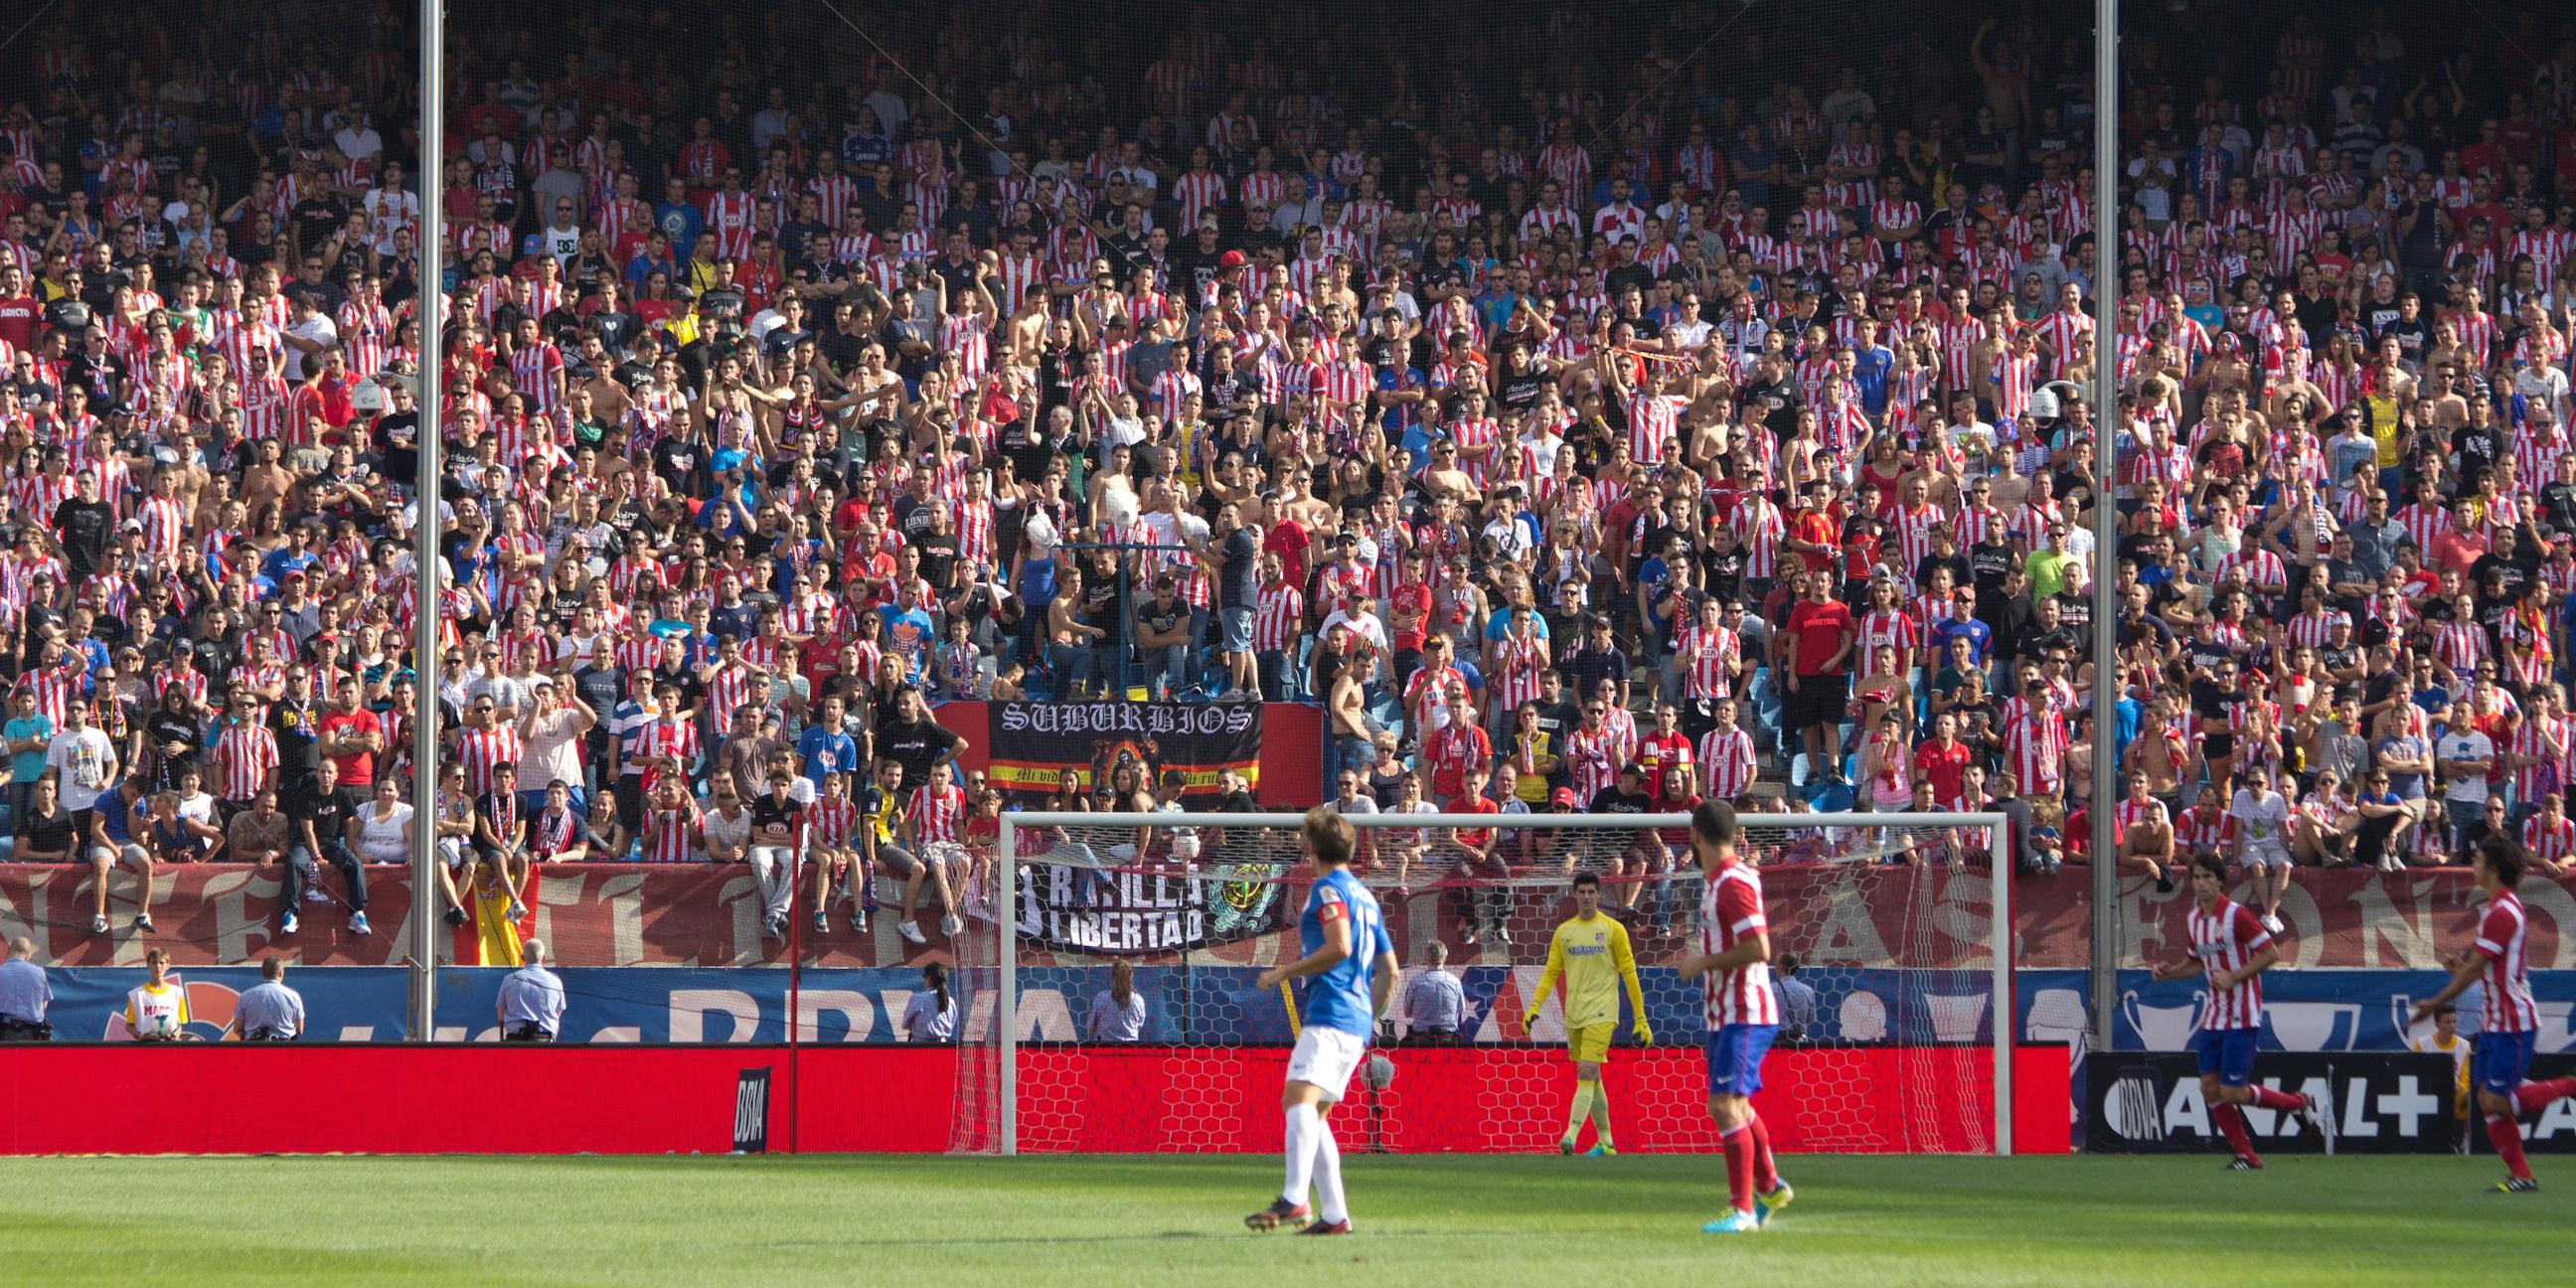 File:Afición del Atlético de Madrid - 01.jpg - Wikimedia Commons